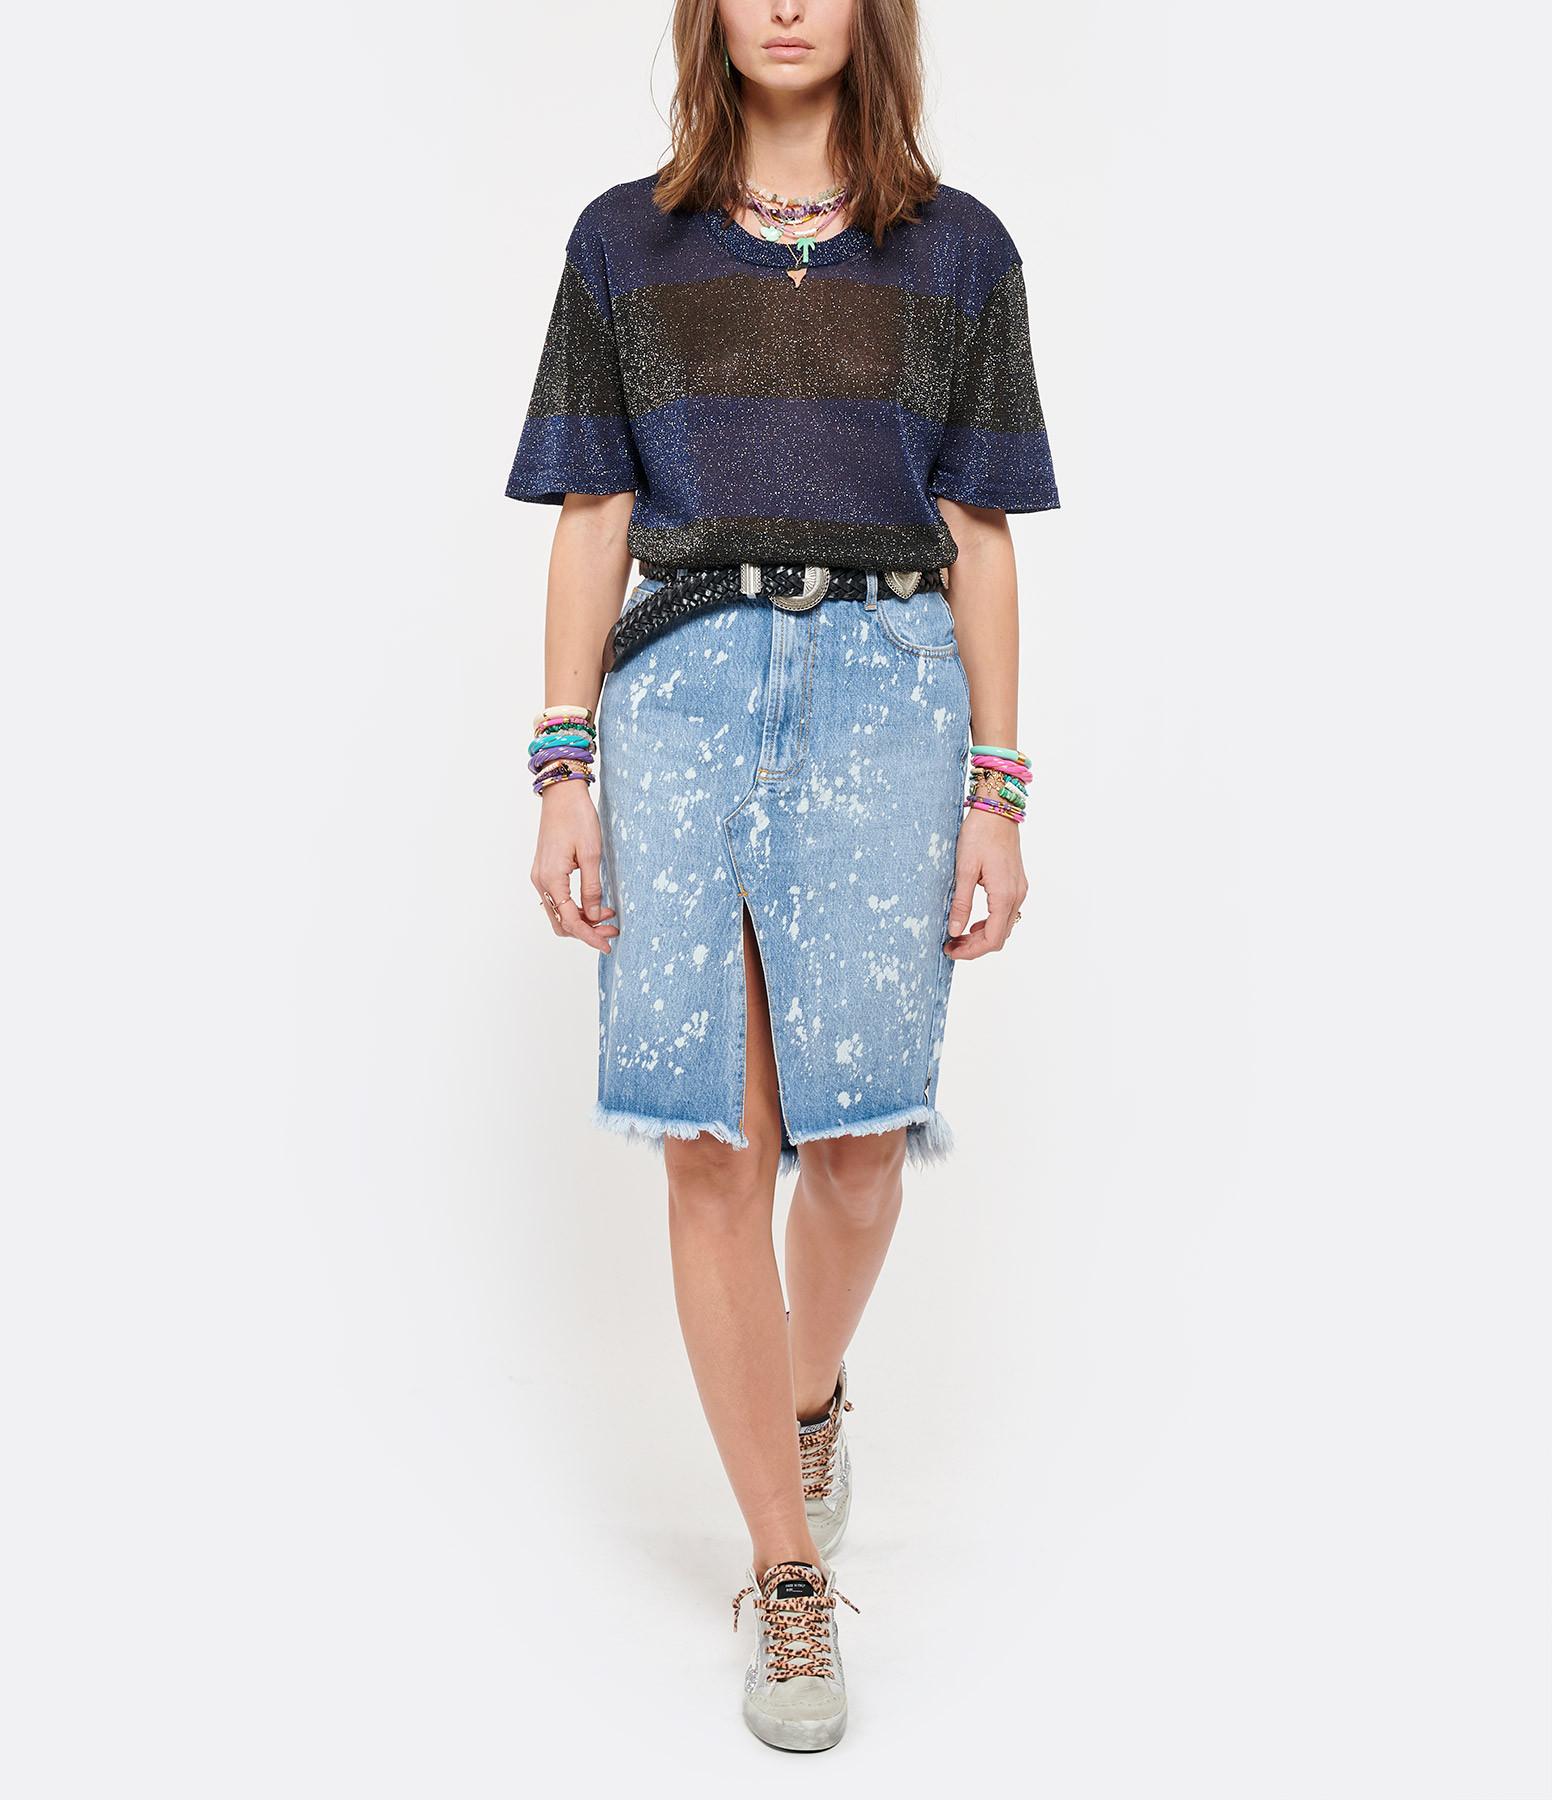 ROBERTO COLLINA - T-shirt Rayures Bleu Noir